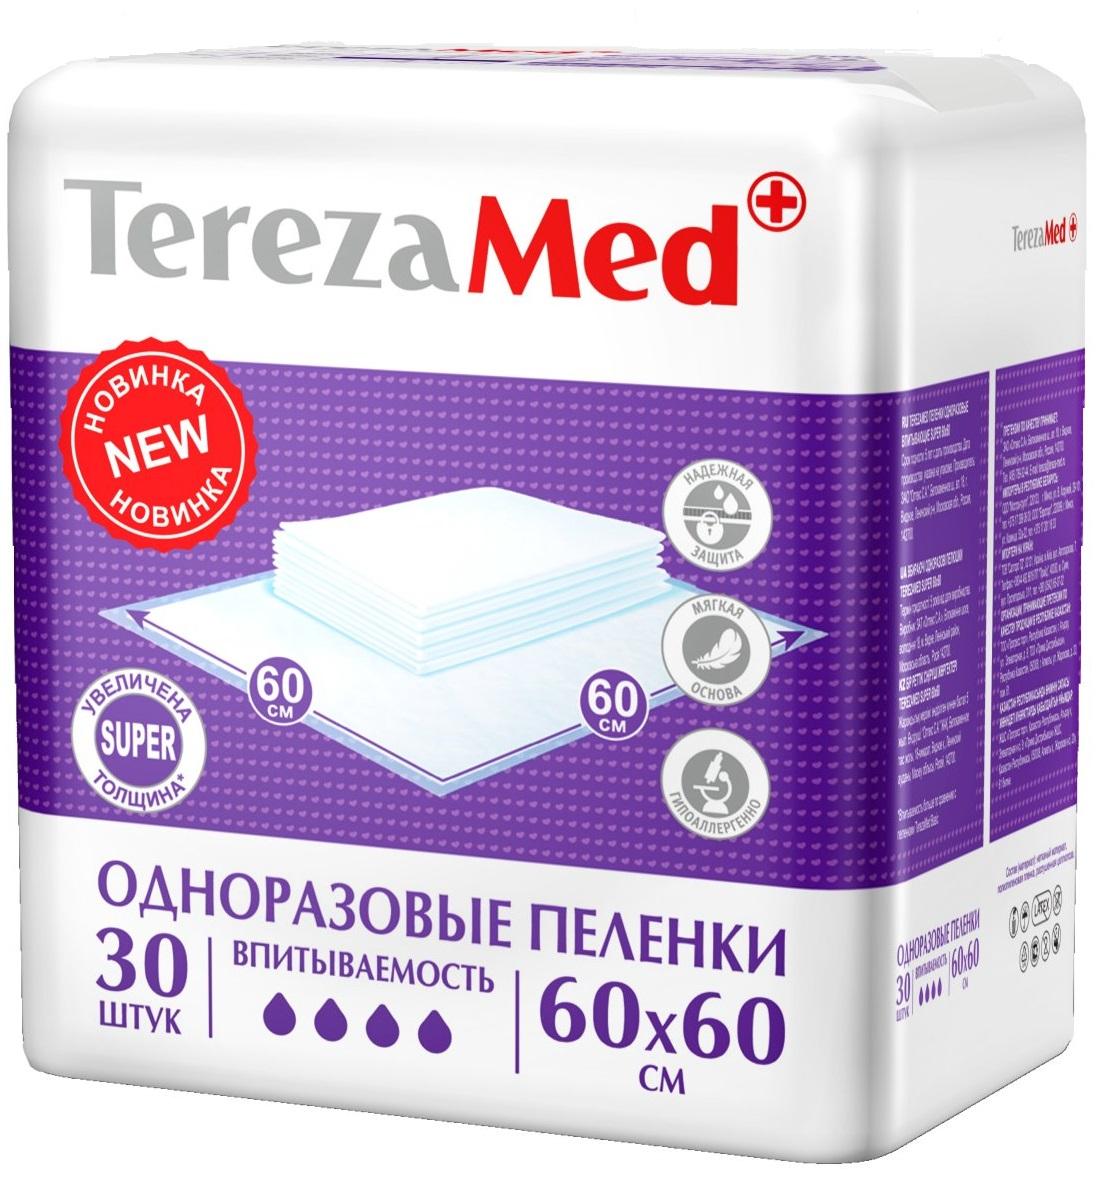 TerezaMed Пеленки одноразовые впитывающие Super 60 х 60 см 30 шт